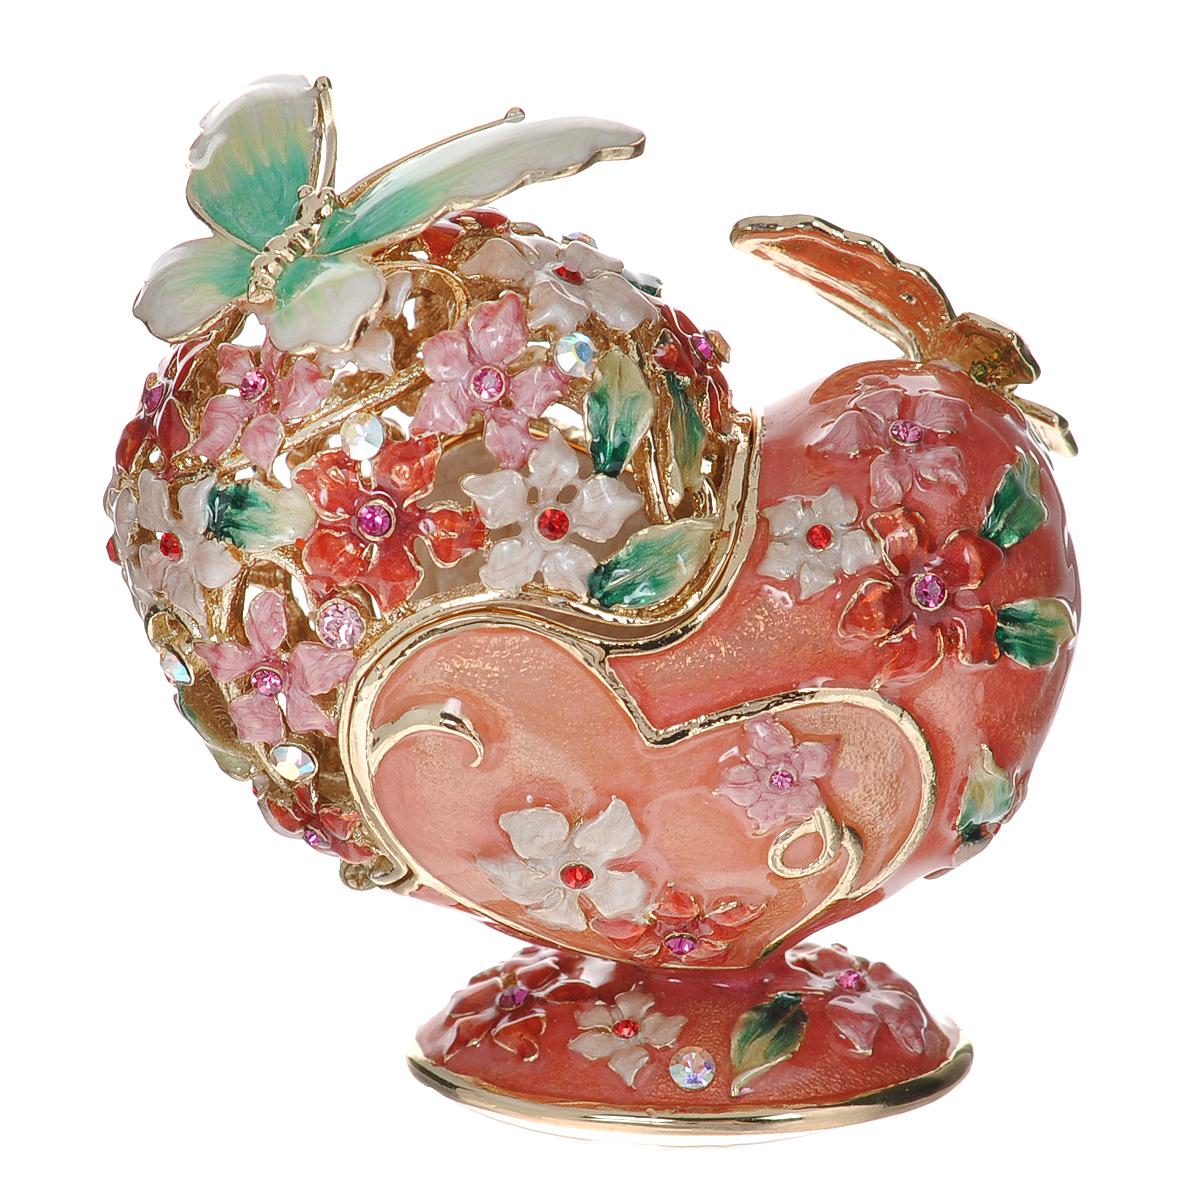 Шкатулка Сердце, цвет: розовый, 6 х 3,5 х 6,5 см 64122UP210DFШкатулка Сердце изготовлена из металла, покрытого эмалью розового цвета. Крышка оформлена перфорацией в виде разноцветных цветов, украшенных стразами. На магниты крепятся фигурки бабочек зеленого цвета. Закрывается крышка также на магнит. Изящная шкатулка прекрасно подойдет для хранения колец. Такая оригинальная изысканная шкатулка, несомненно, понравится всем любительницам необычных вещиц. Шкатулка упакована в подарочную коробку золотистого цвета, задрапированную бежевой атласной тканью. Характеристики:Материал: металл (сплав олова), стекло. Цвет: розовый. Размер шкатулки (ДхШхВ): 6 см х 3,5 см х 6,5 см. Размер упаковки: 9,5 см х 9 см х 10 см. Артикул: 64122.